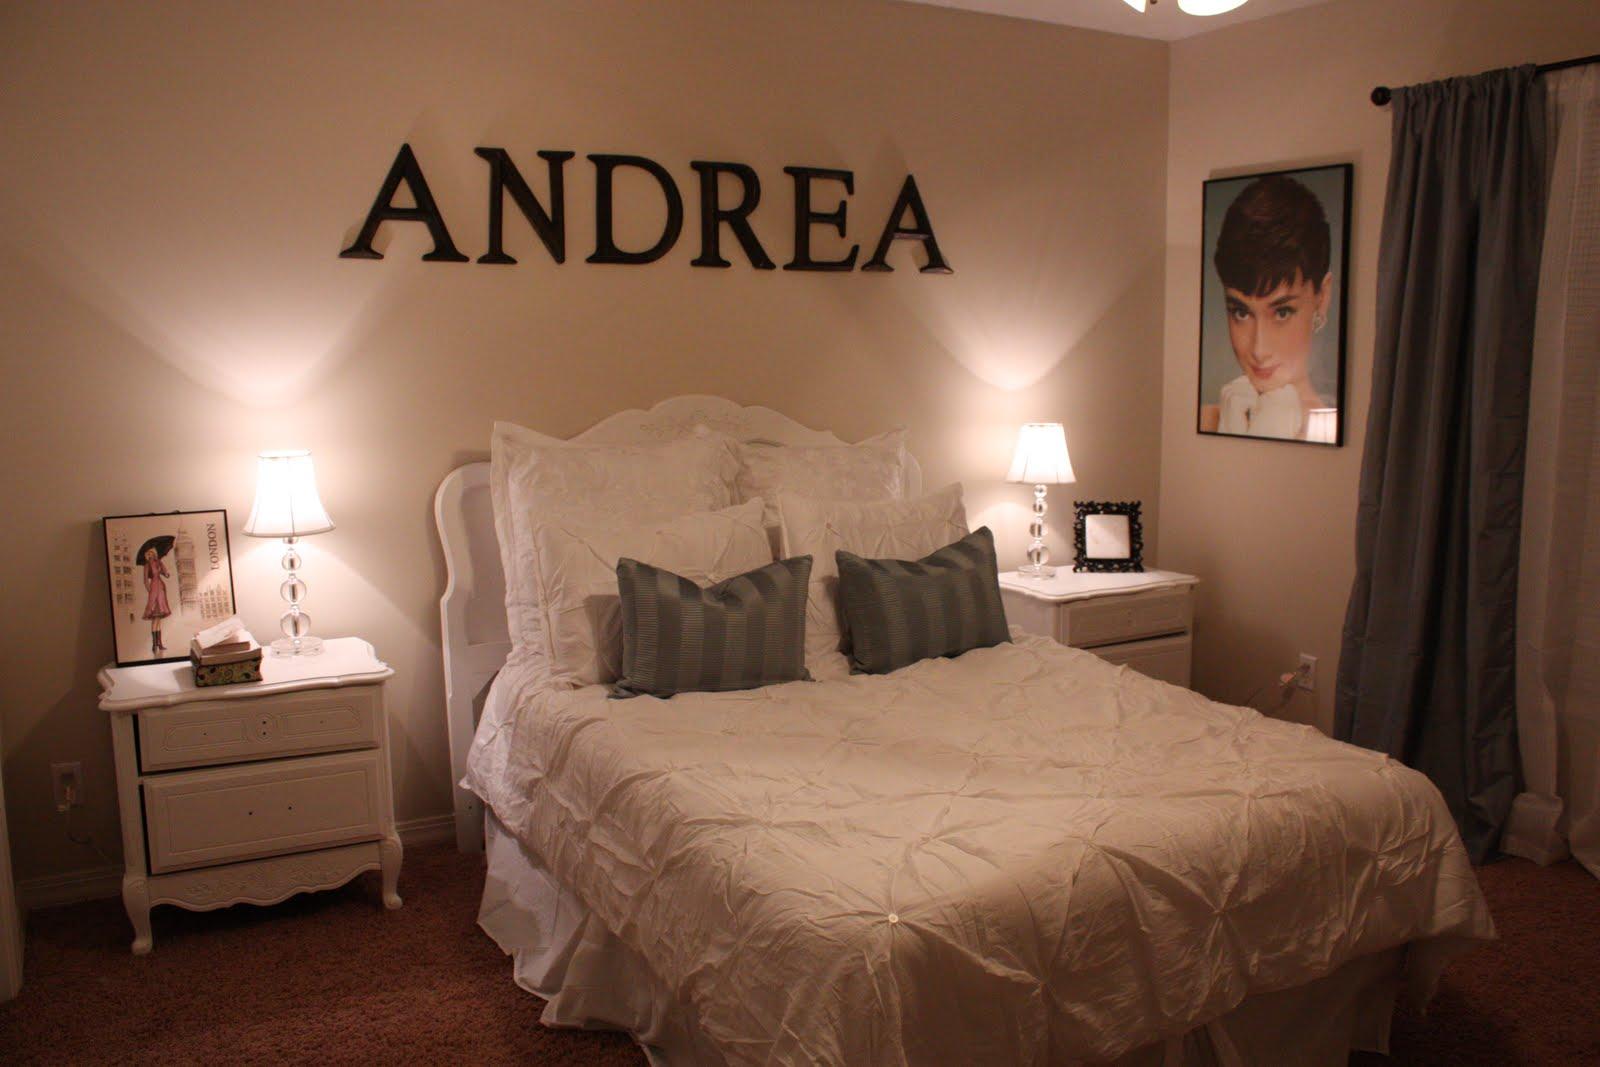 audrey hepburn bedroom viewing gallery